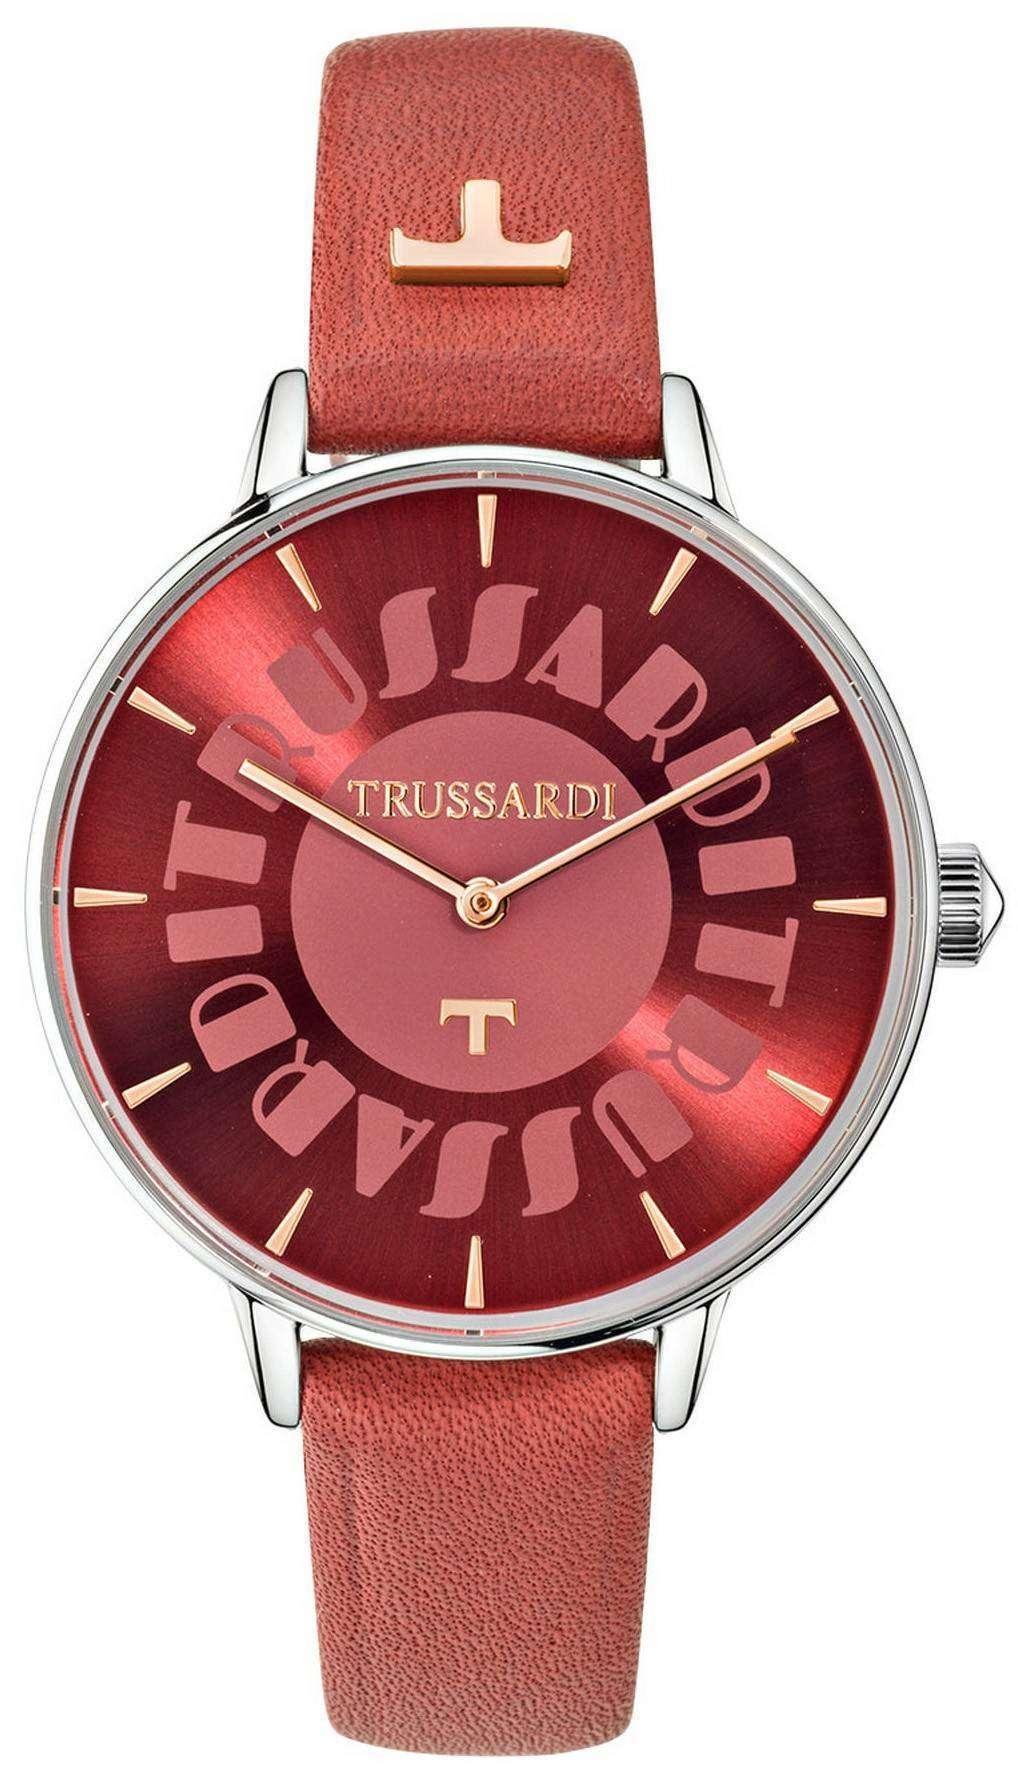 トラサルディ T 楽しい R2451118506 クォーツ レディース腕時計